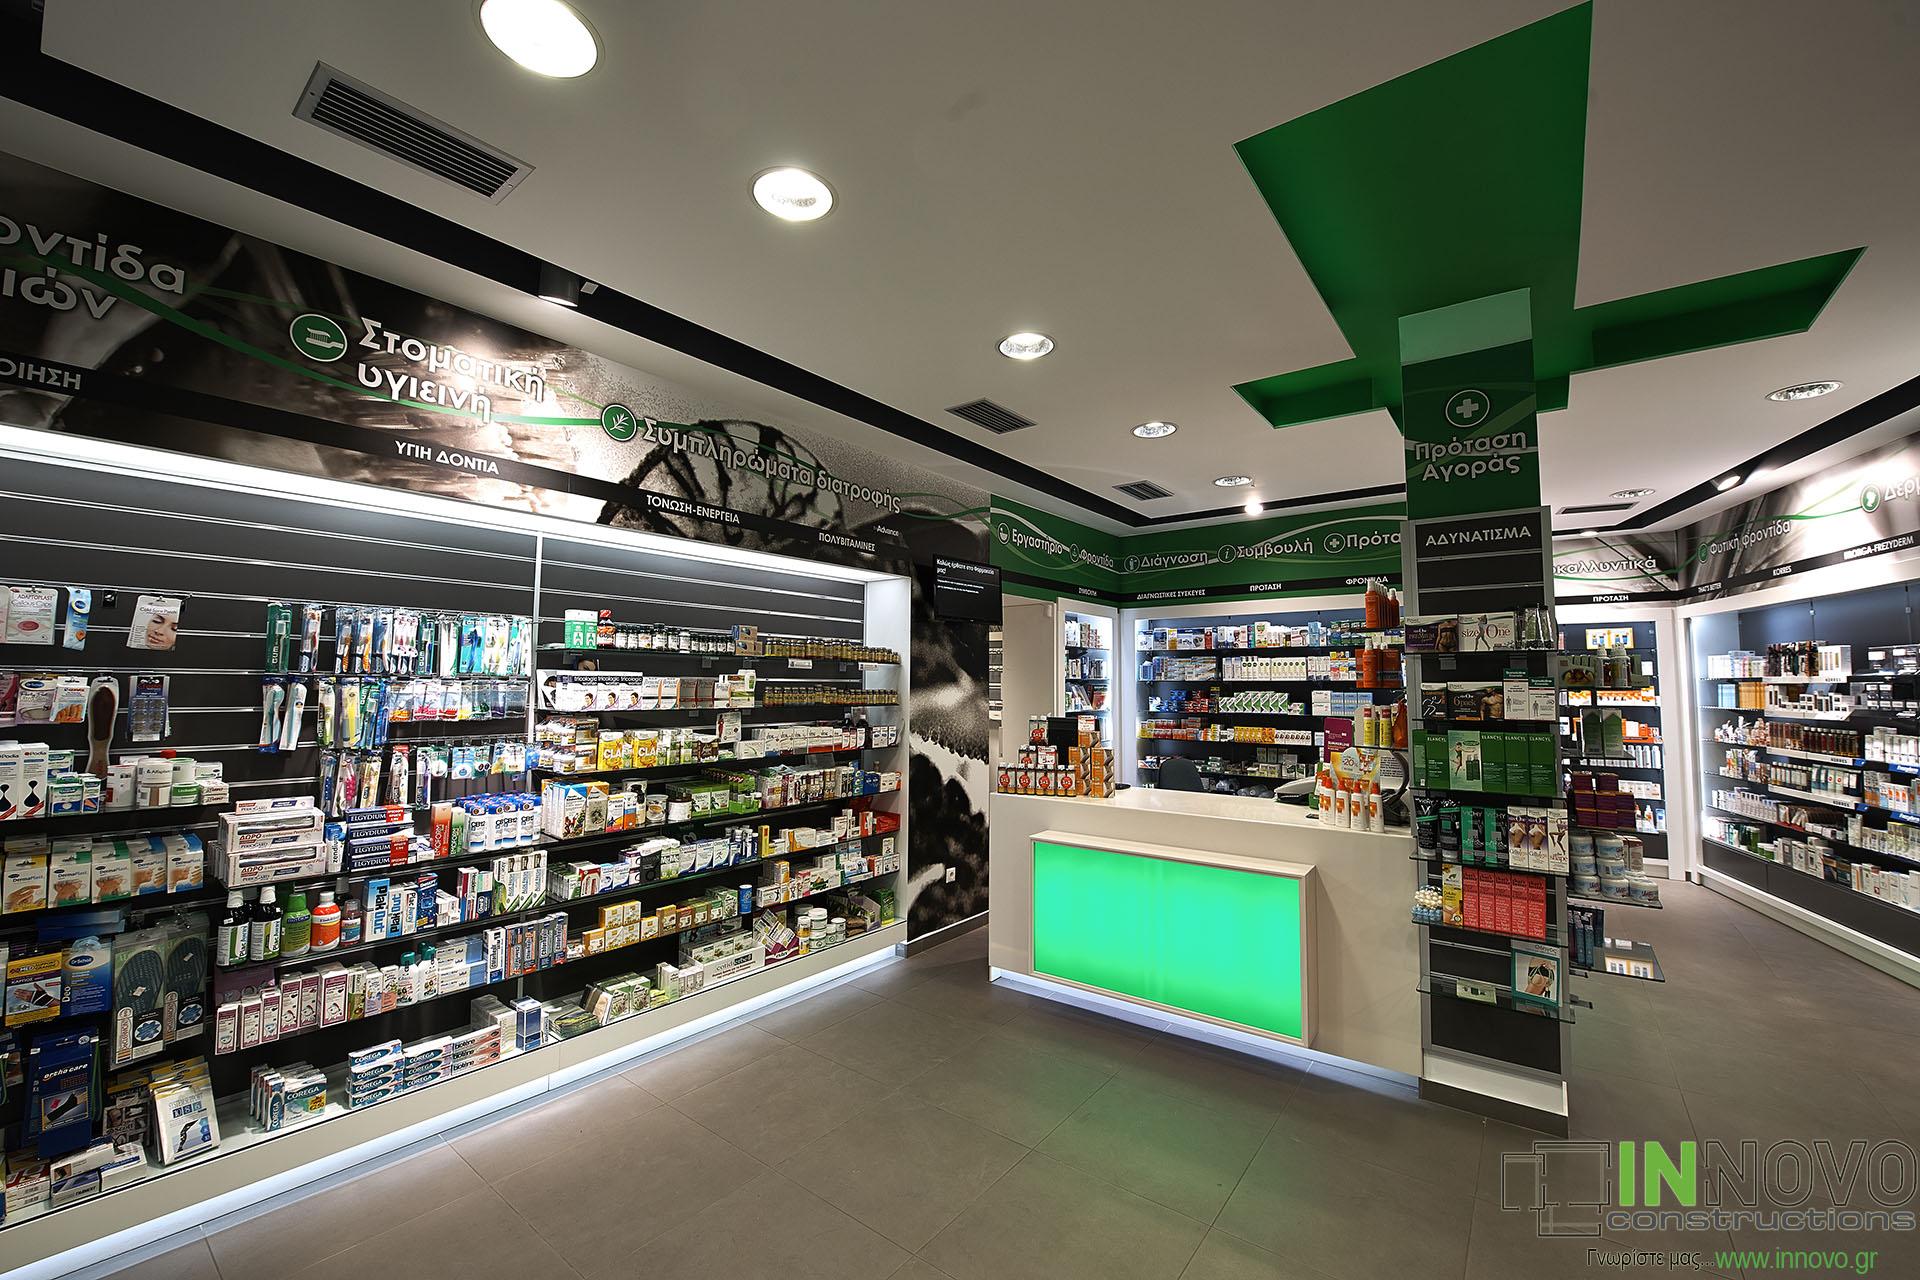 Ανακαίνιση στα Μέγαρα φαρμακείου